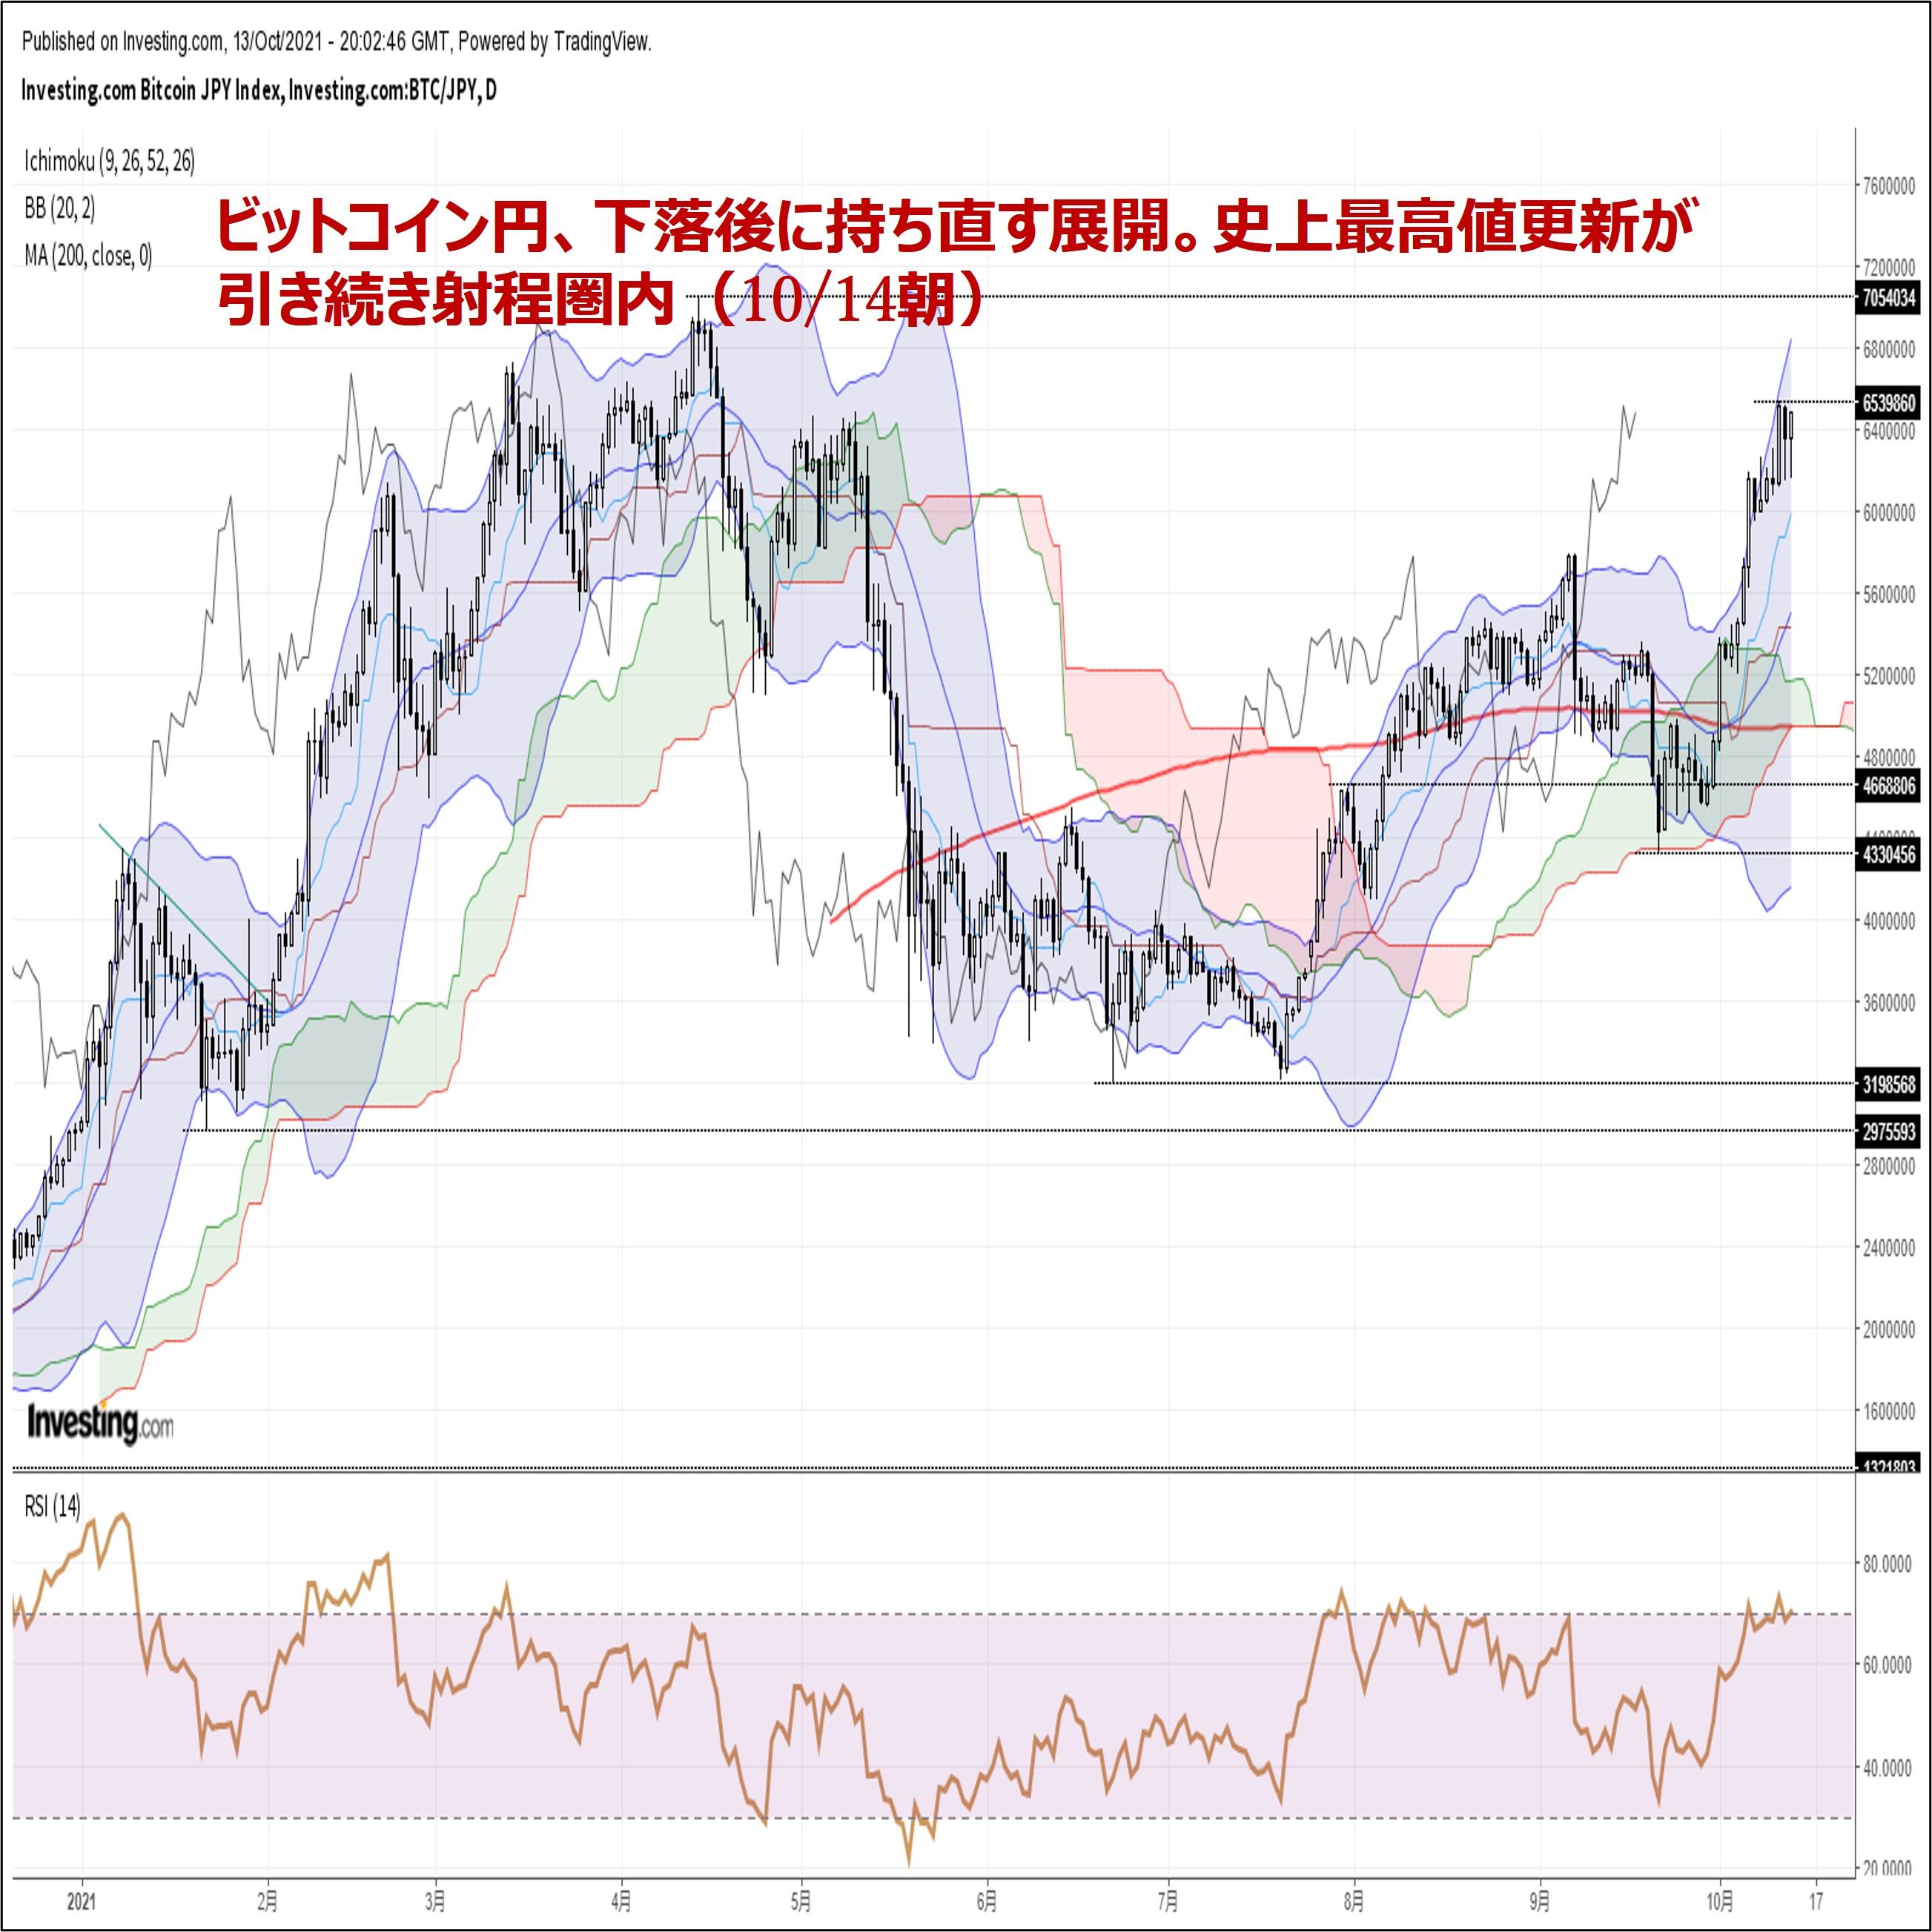 ビットコイン円、下落後に持ち直す展開。史上最高値更新が引き続き射程圏内(10/14朝)